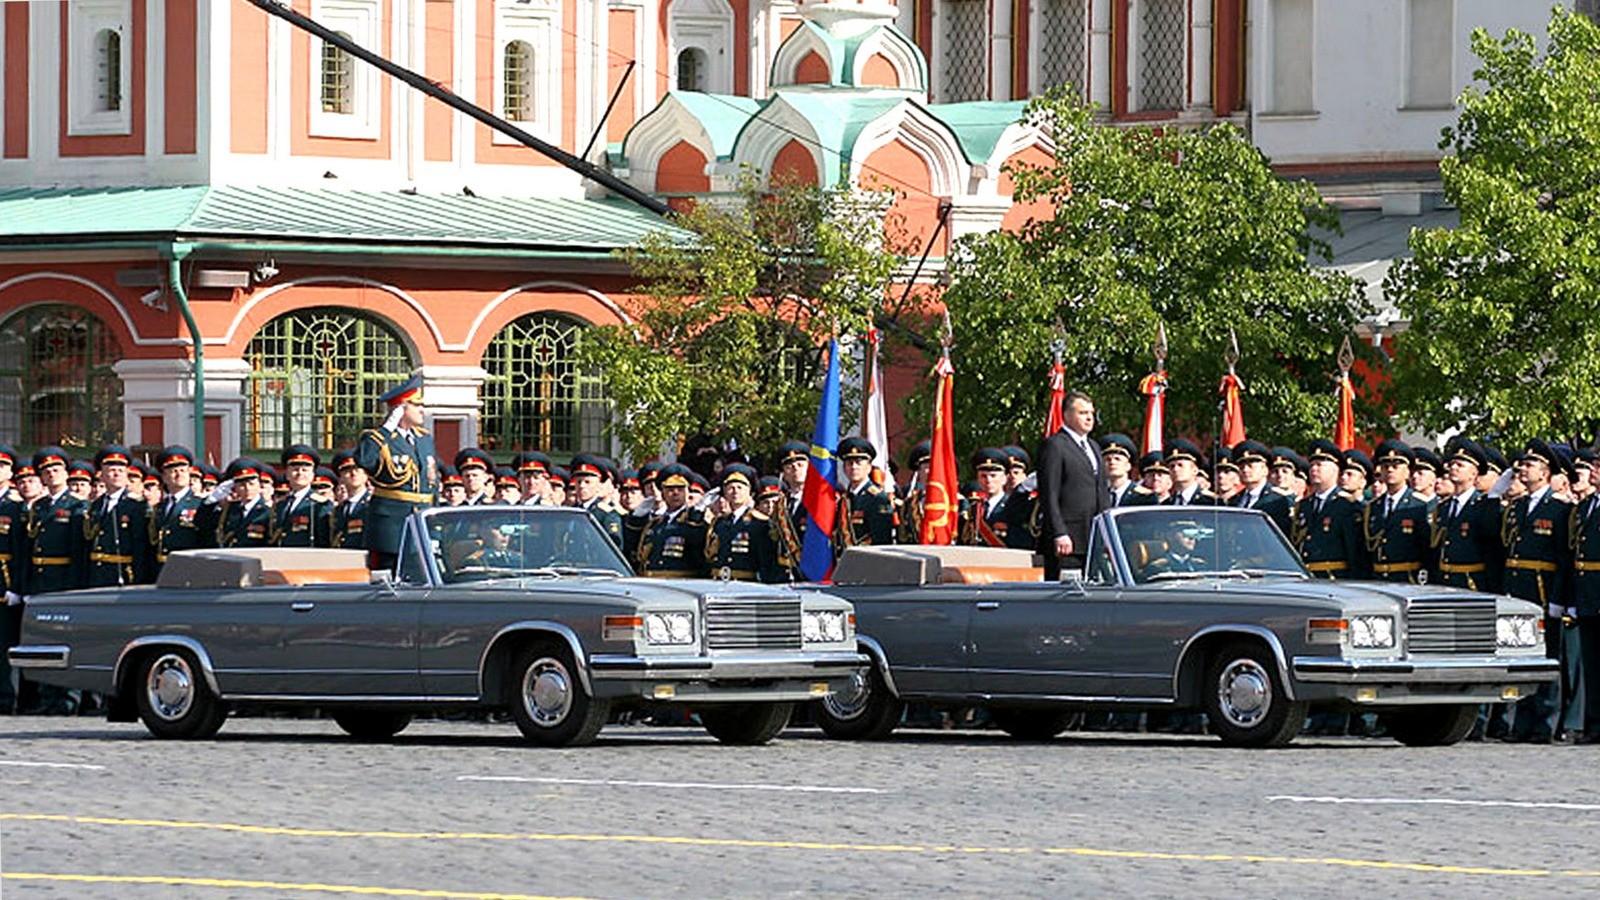 Министр обороны РФ А. Э. Сердюков принимает парад на автомобиле ЗИЛ-41044. 2008 год